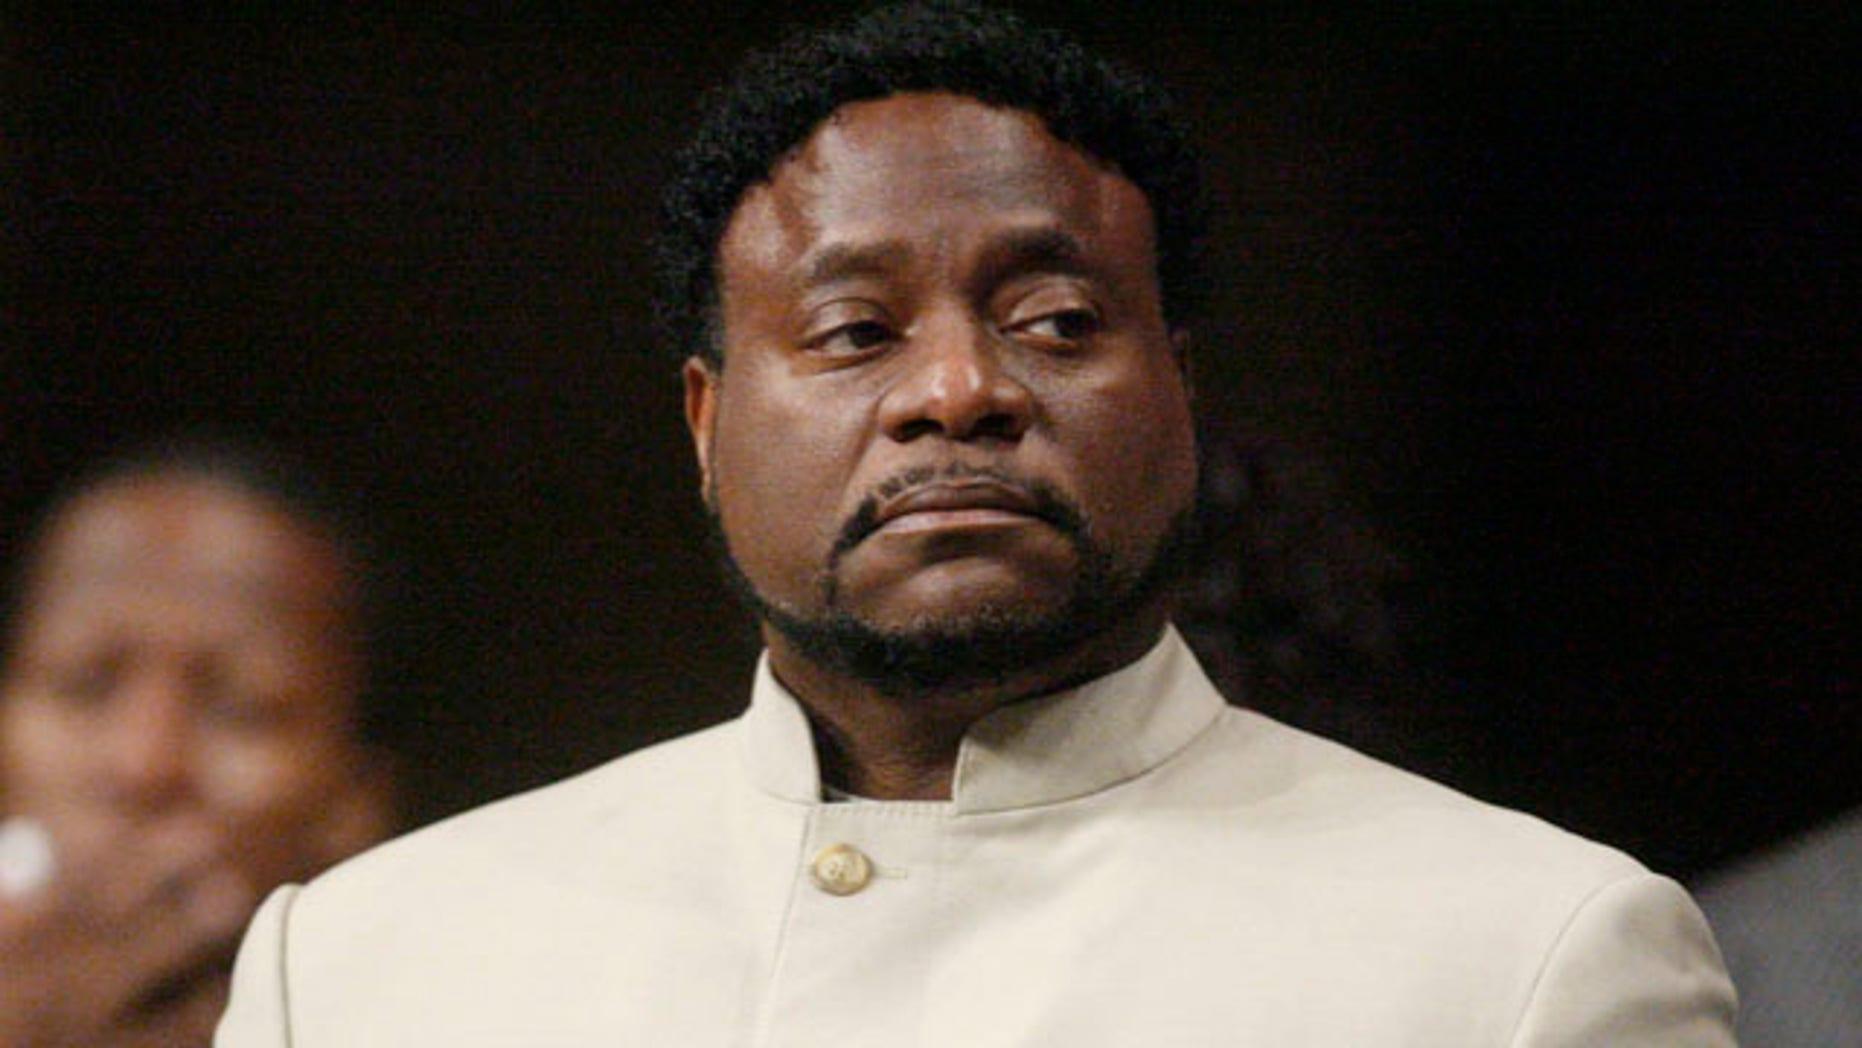 Bishop Eddie Long in 2010.